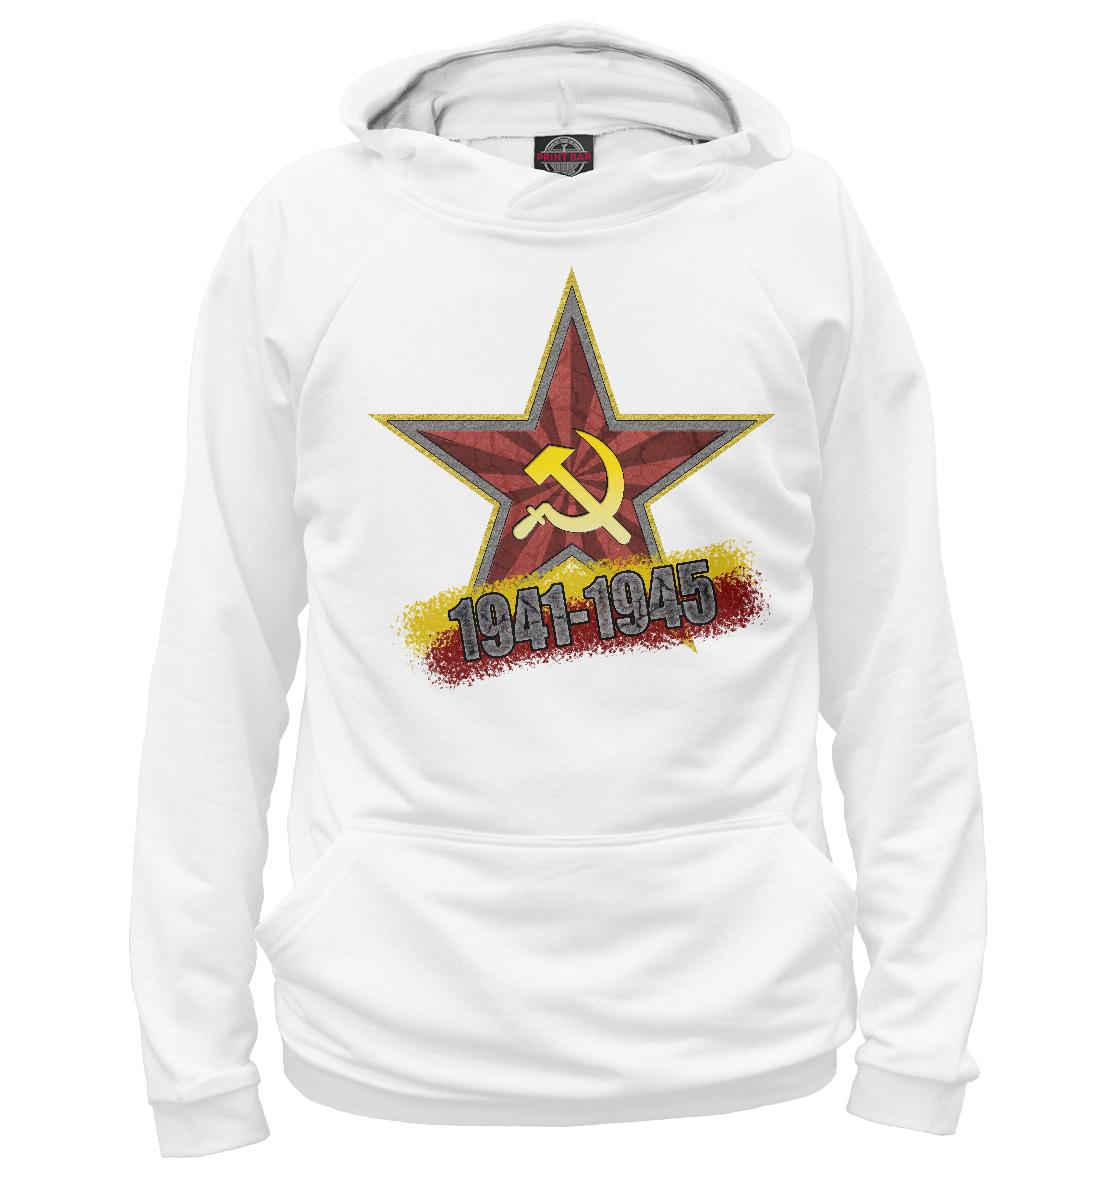 Фото - Звезда 1941-1945 дамаскин игорь анатольевич битвы разведок 1941 1945